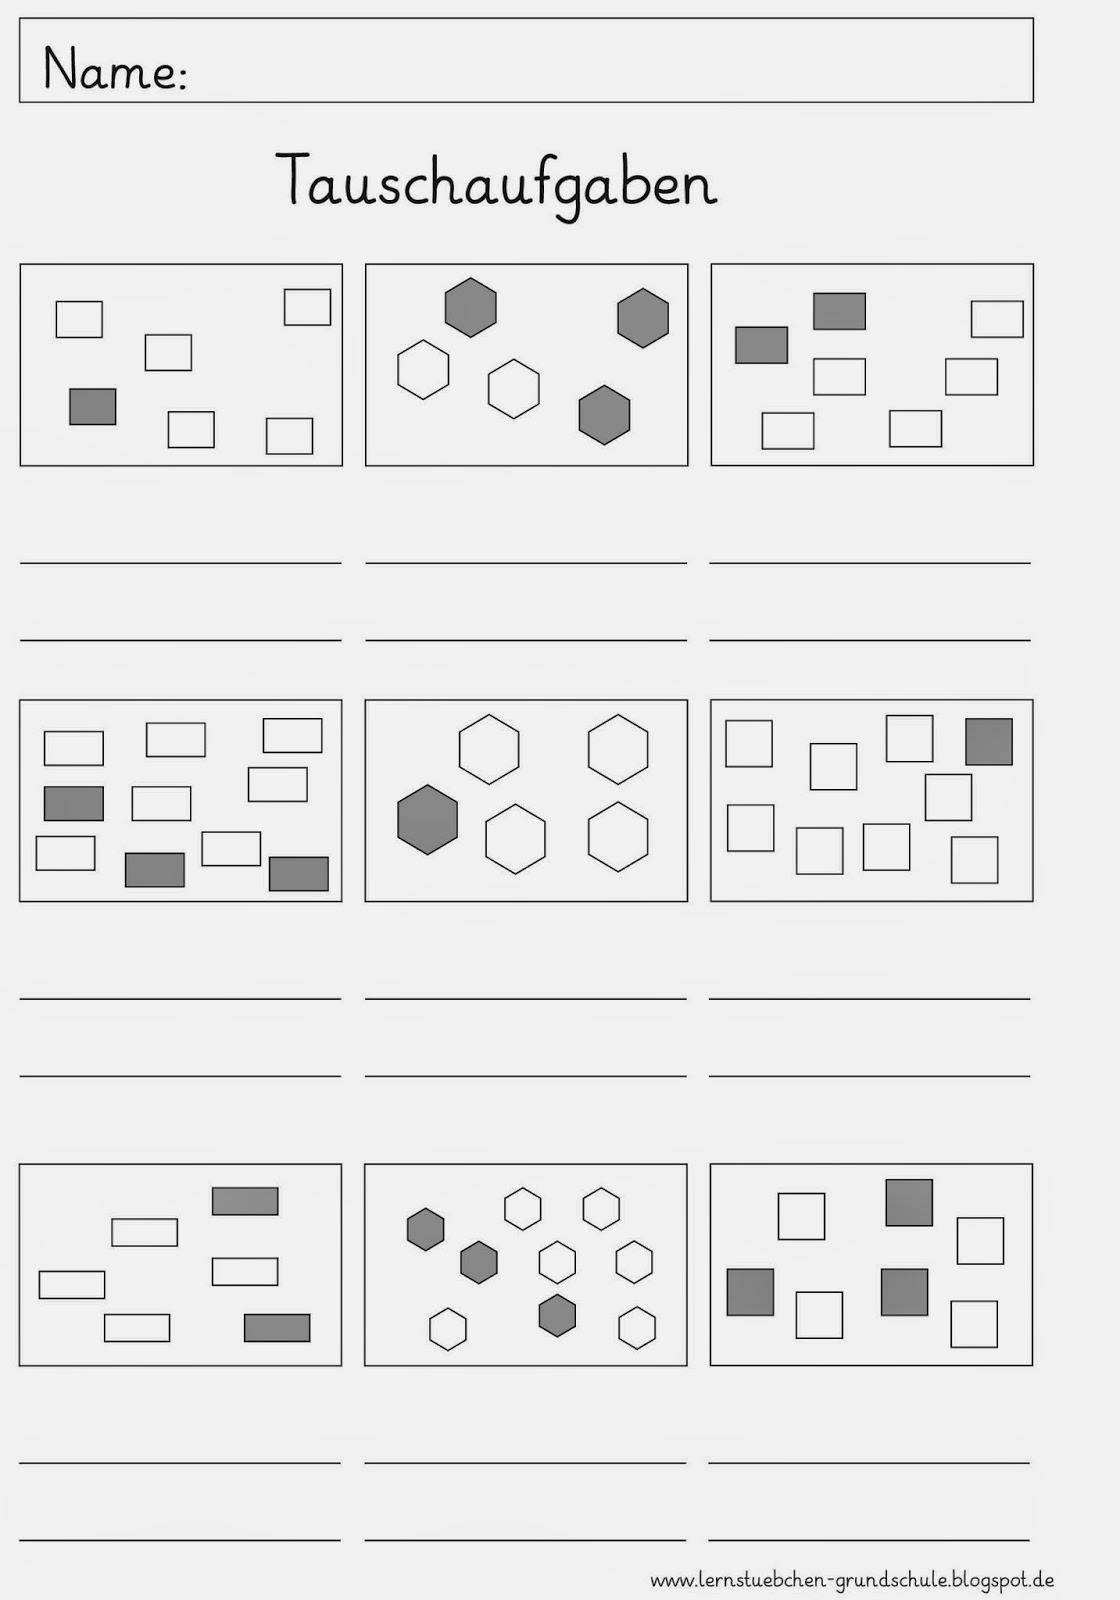 lernst bchen tauschaufgaben im zr 10. Black Bedroom Furniture Sets. Home Design Ideas